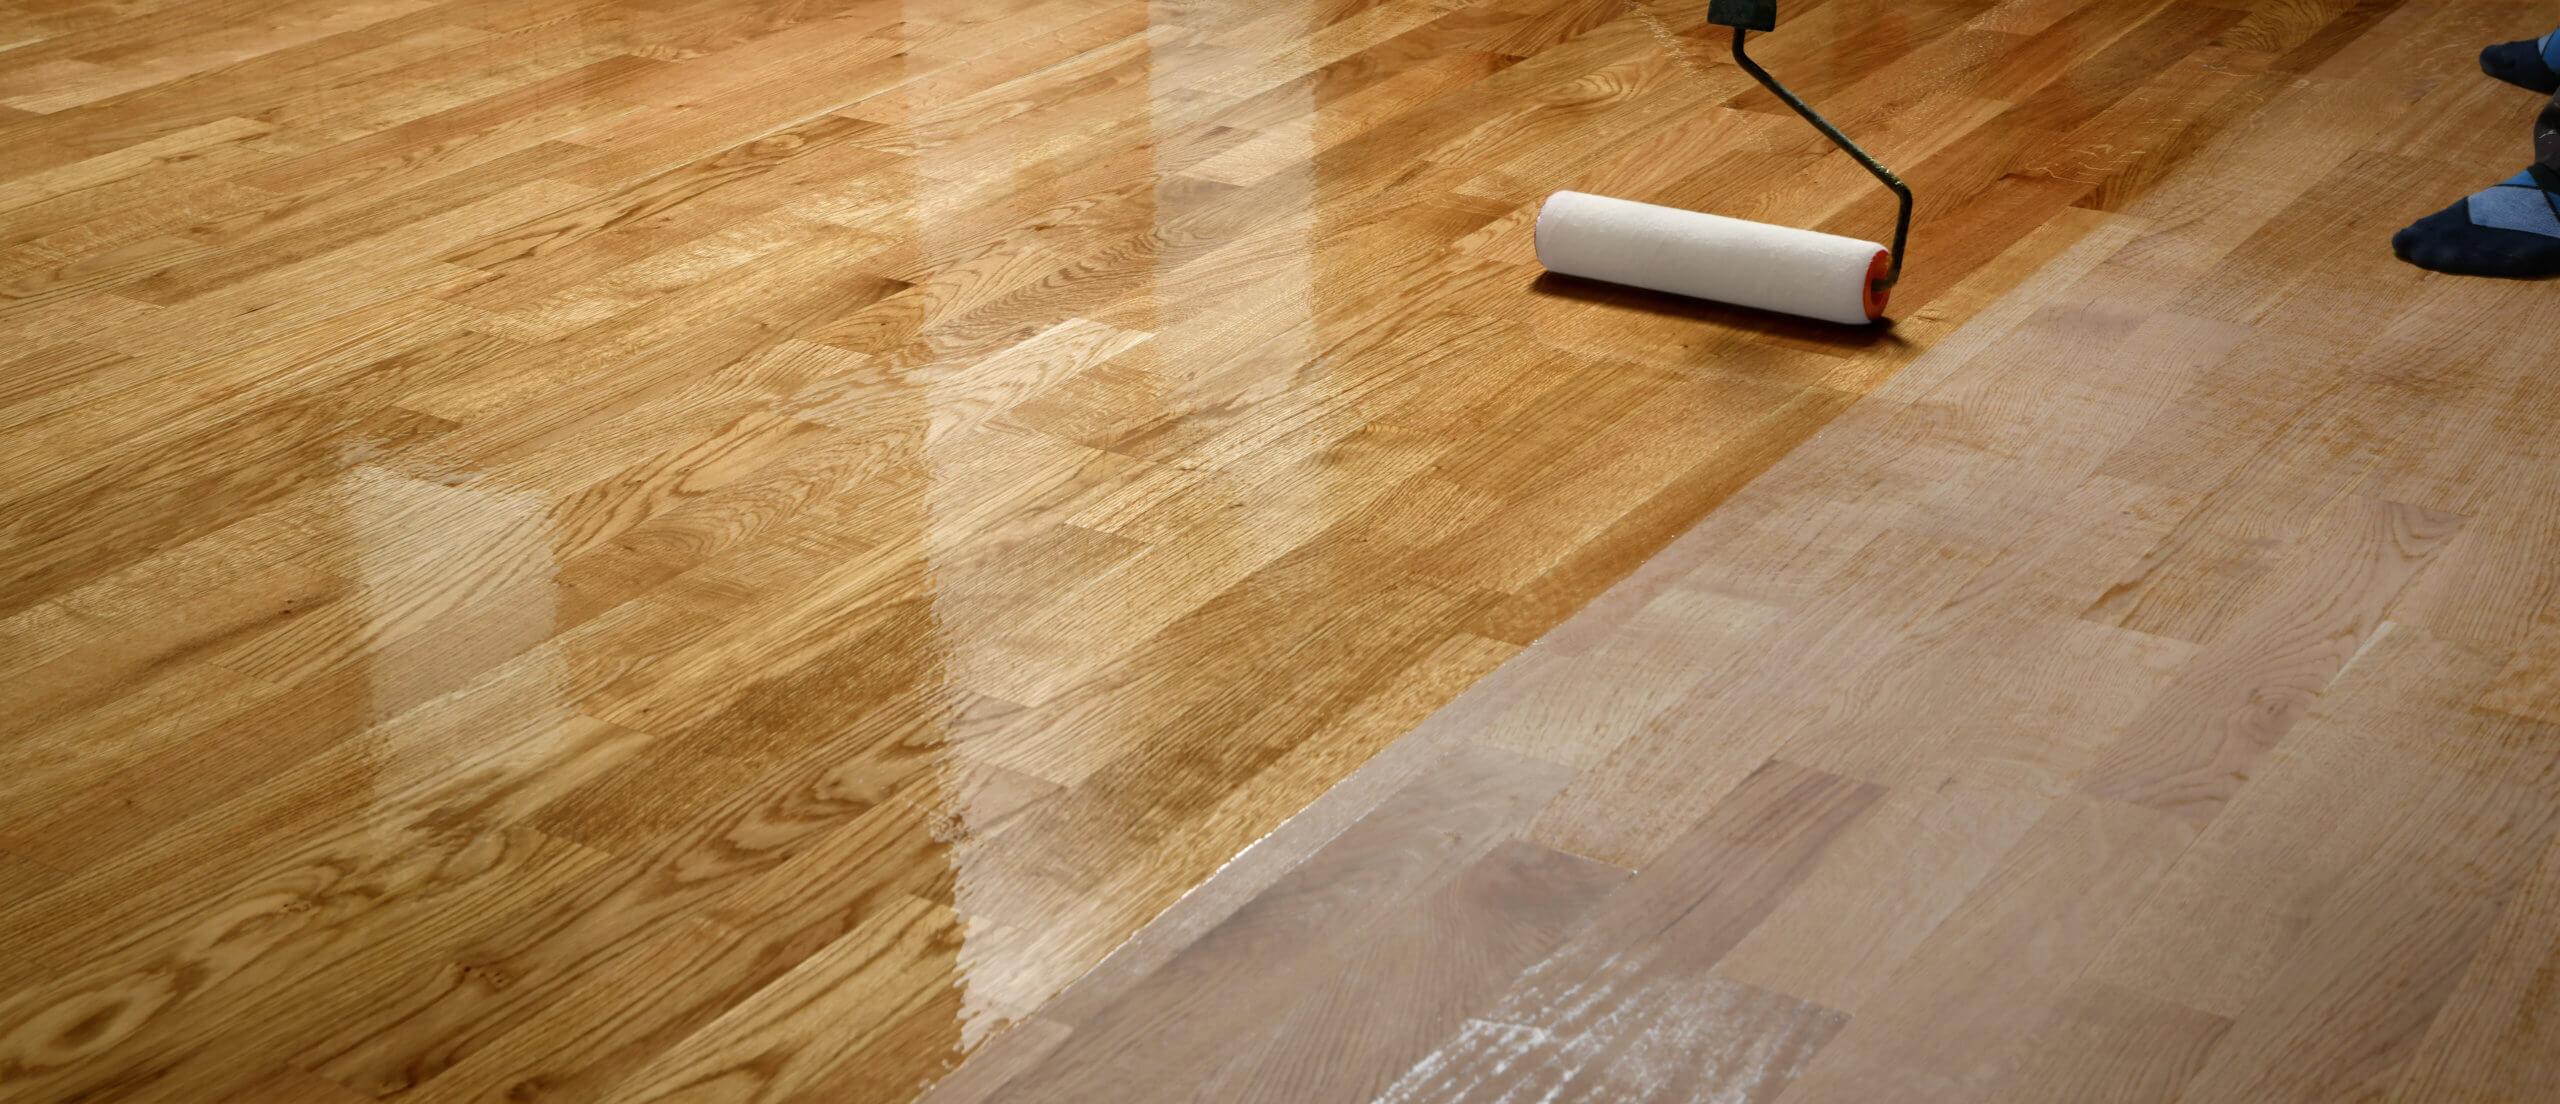 hardwood floor sealant